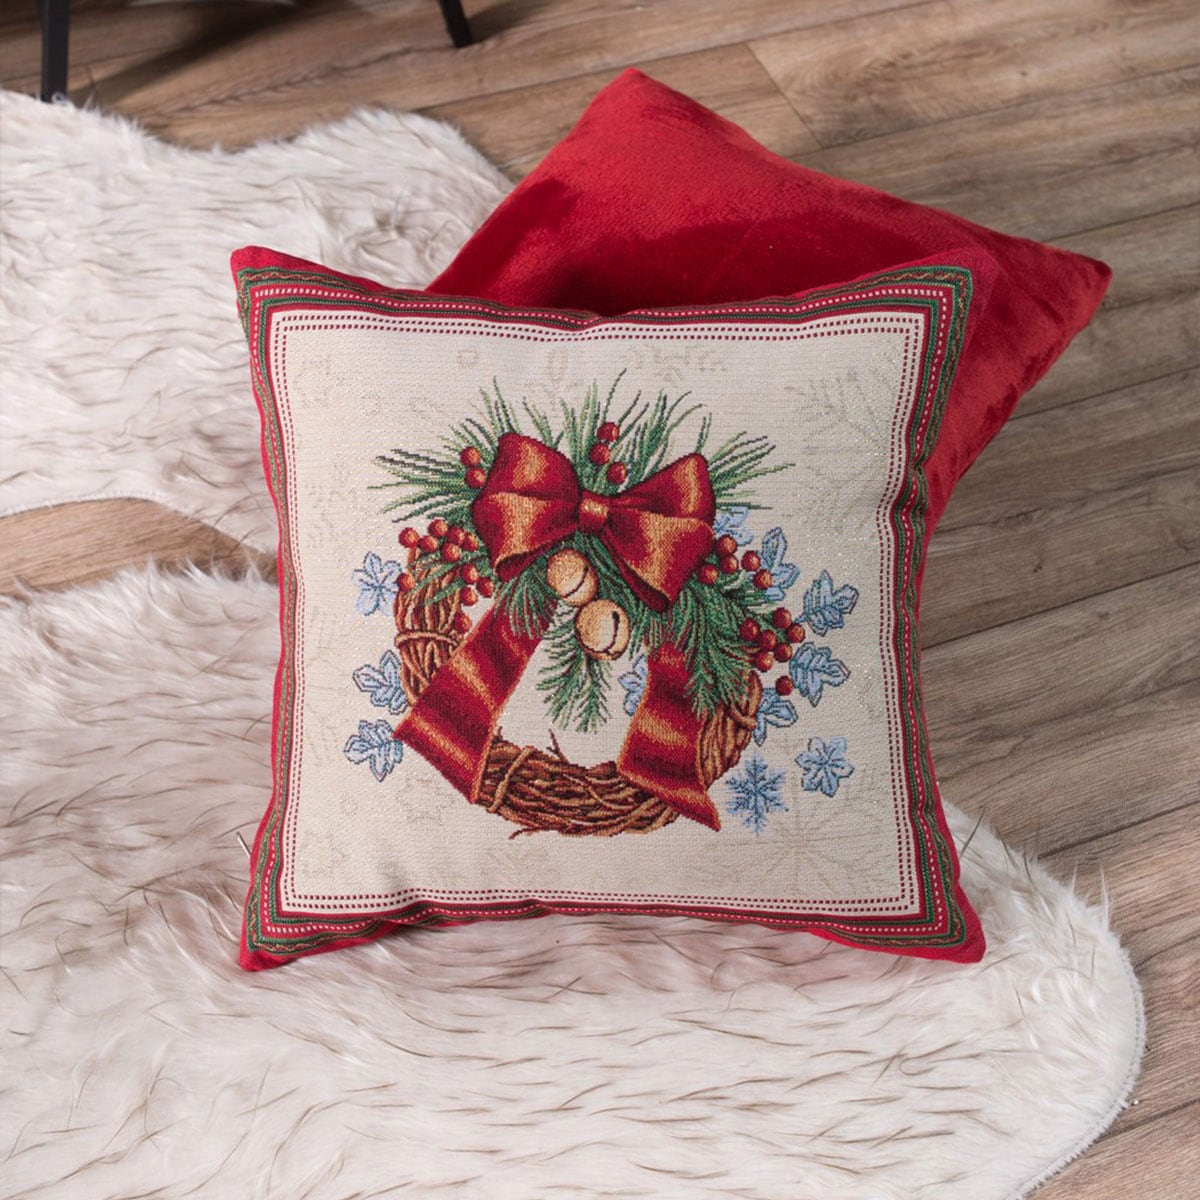 Μαξιλάρι Διακοσμητικό (Με Γέμιση) Χριστουγεννιάτικο Lights Multi Teoran 45X45 45x45cm